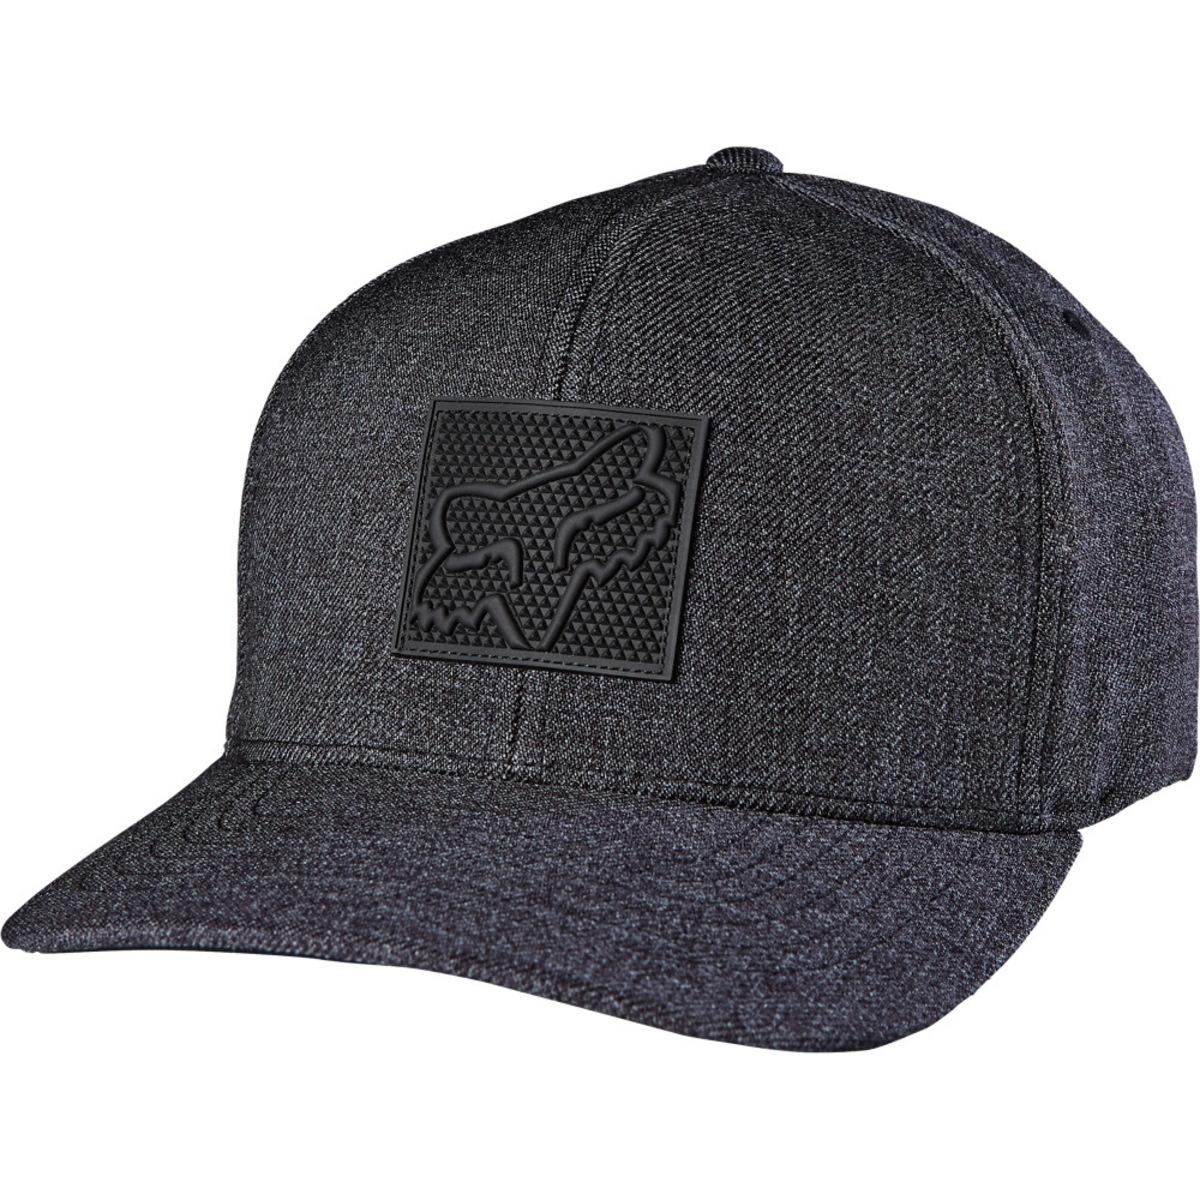 kšiltovka FOX - Mutter - Black - 17657-1 L/XL